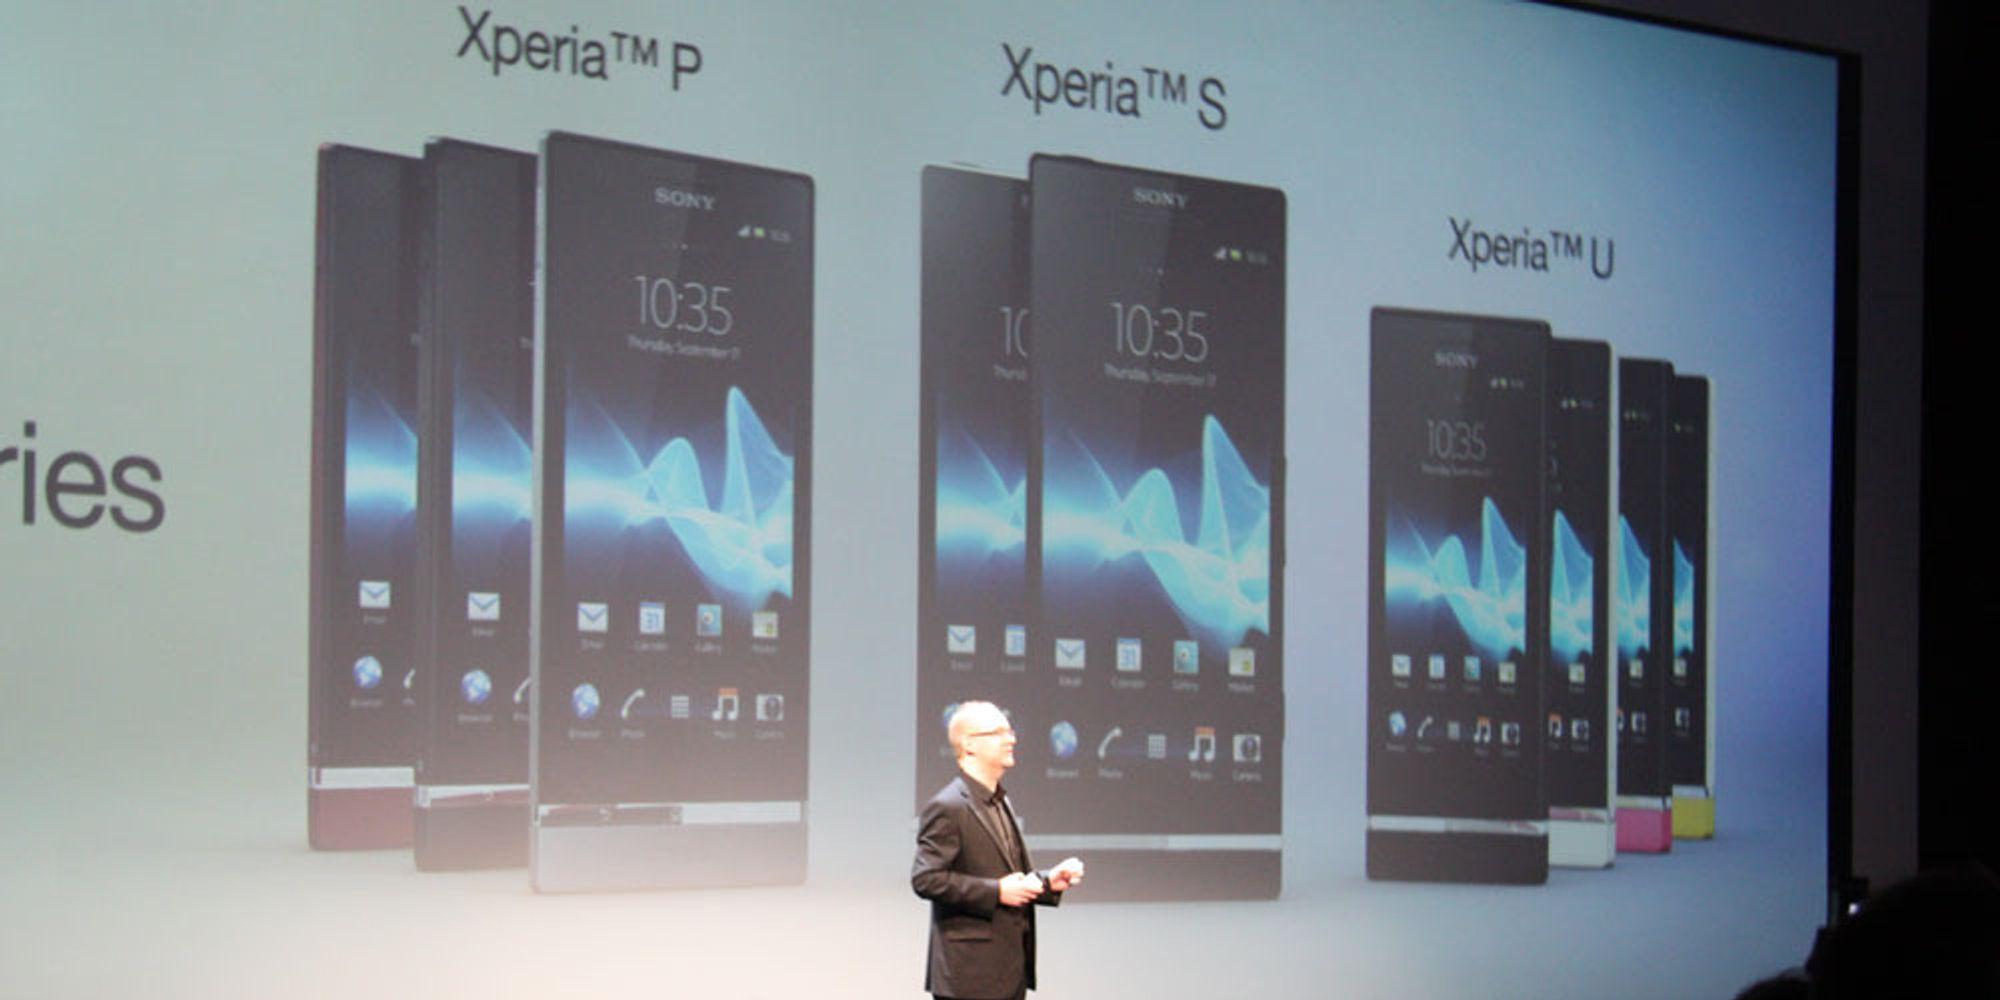 Sony har lansert Xperia P og Xperia U